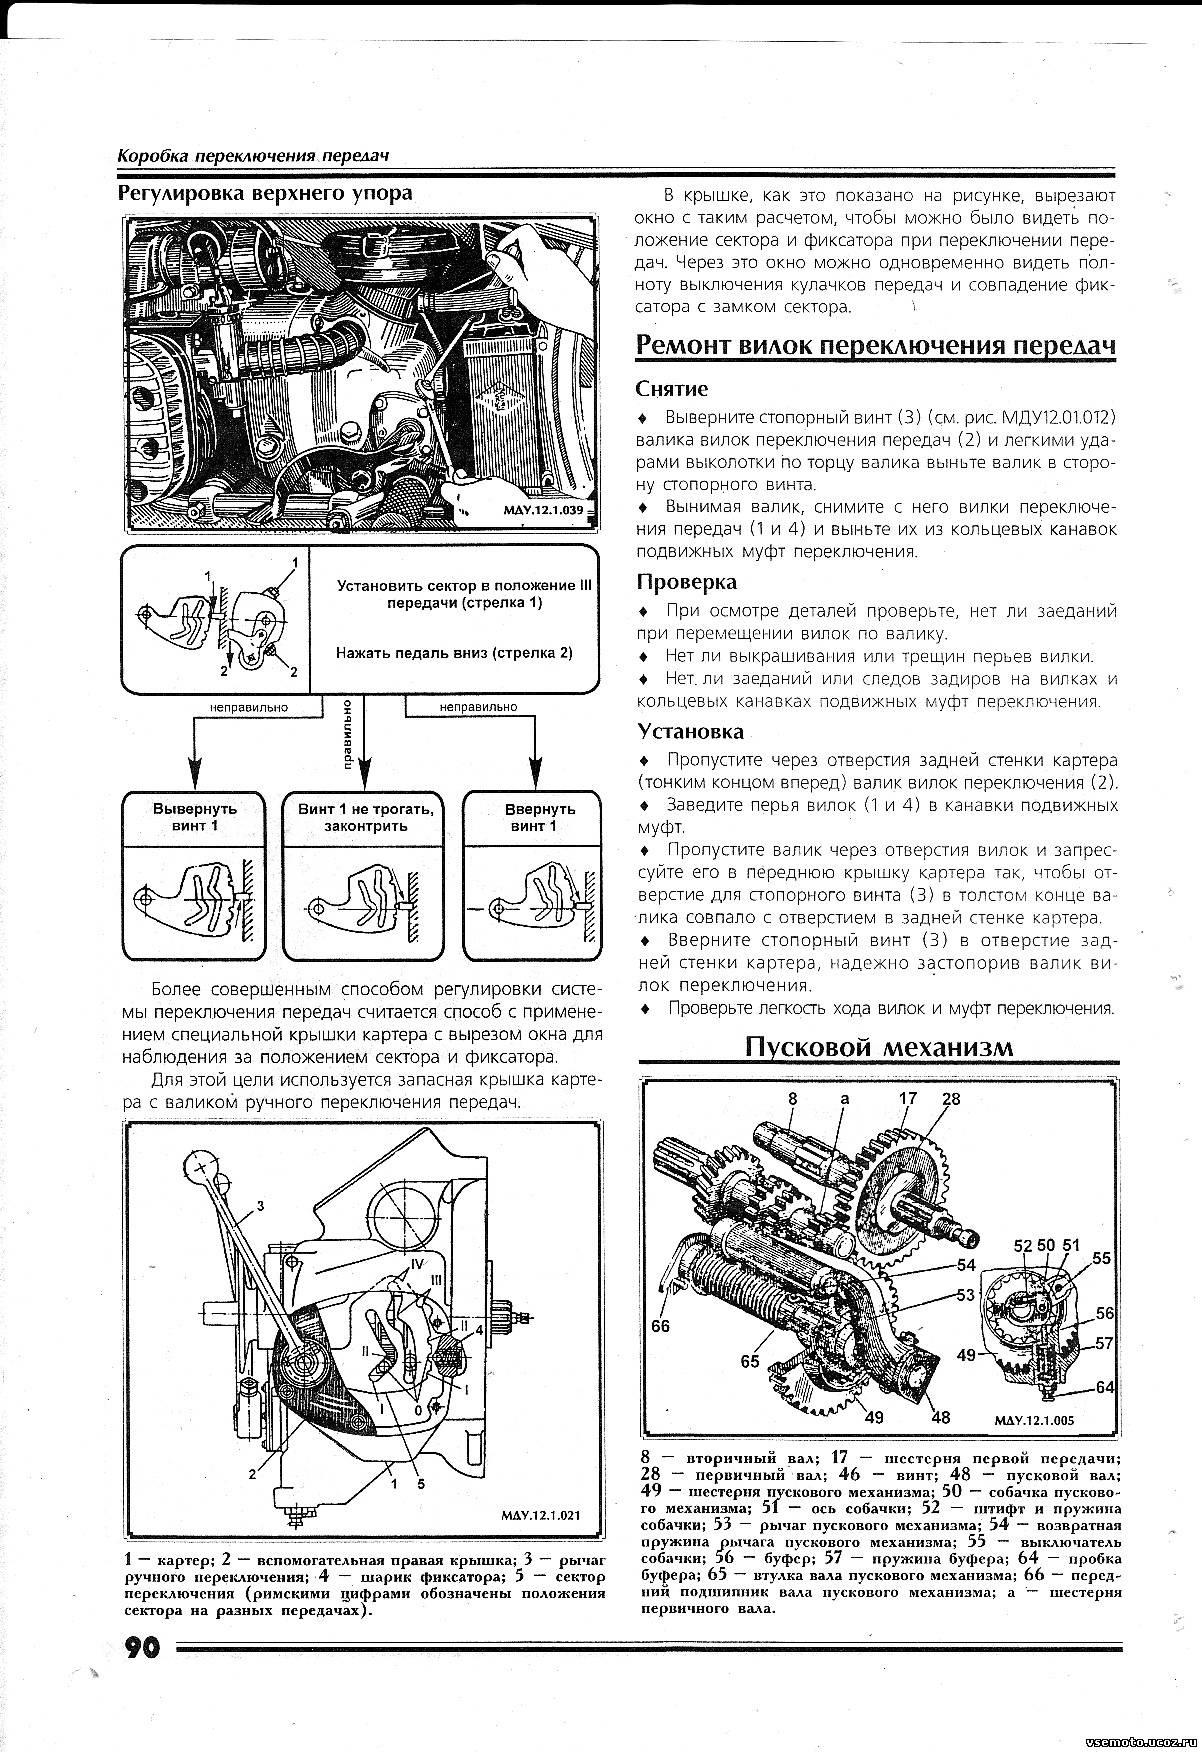 Руководство по ремонту мотоциклов Урал, Днепр.